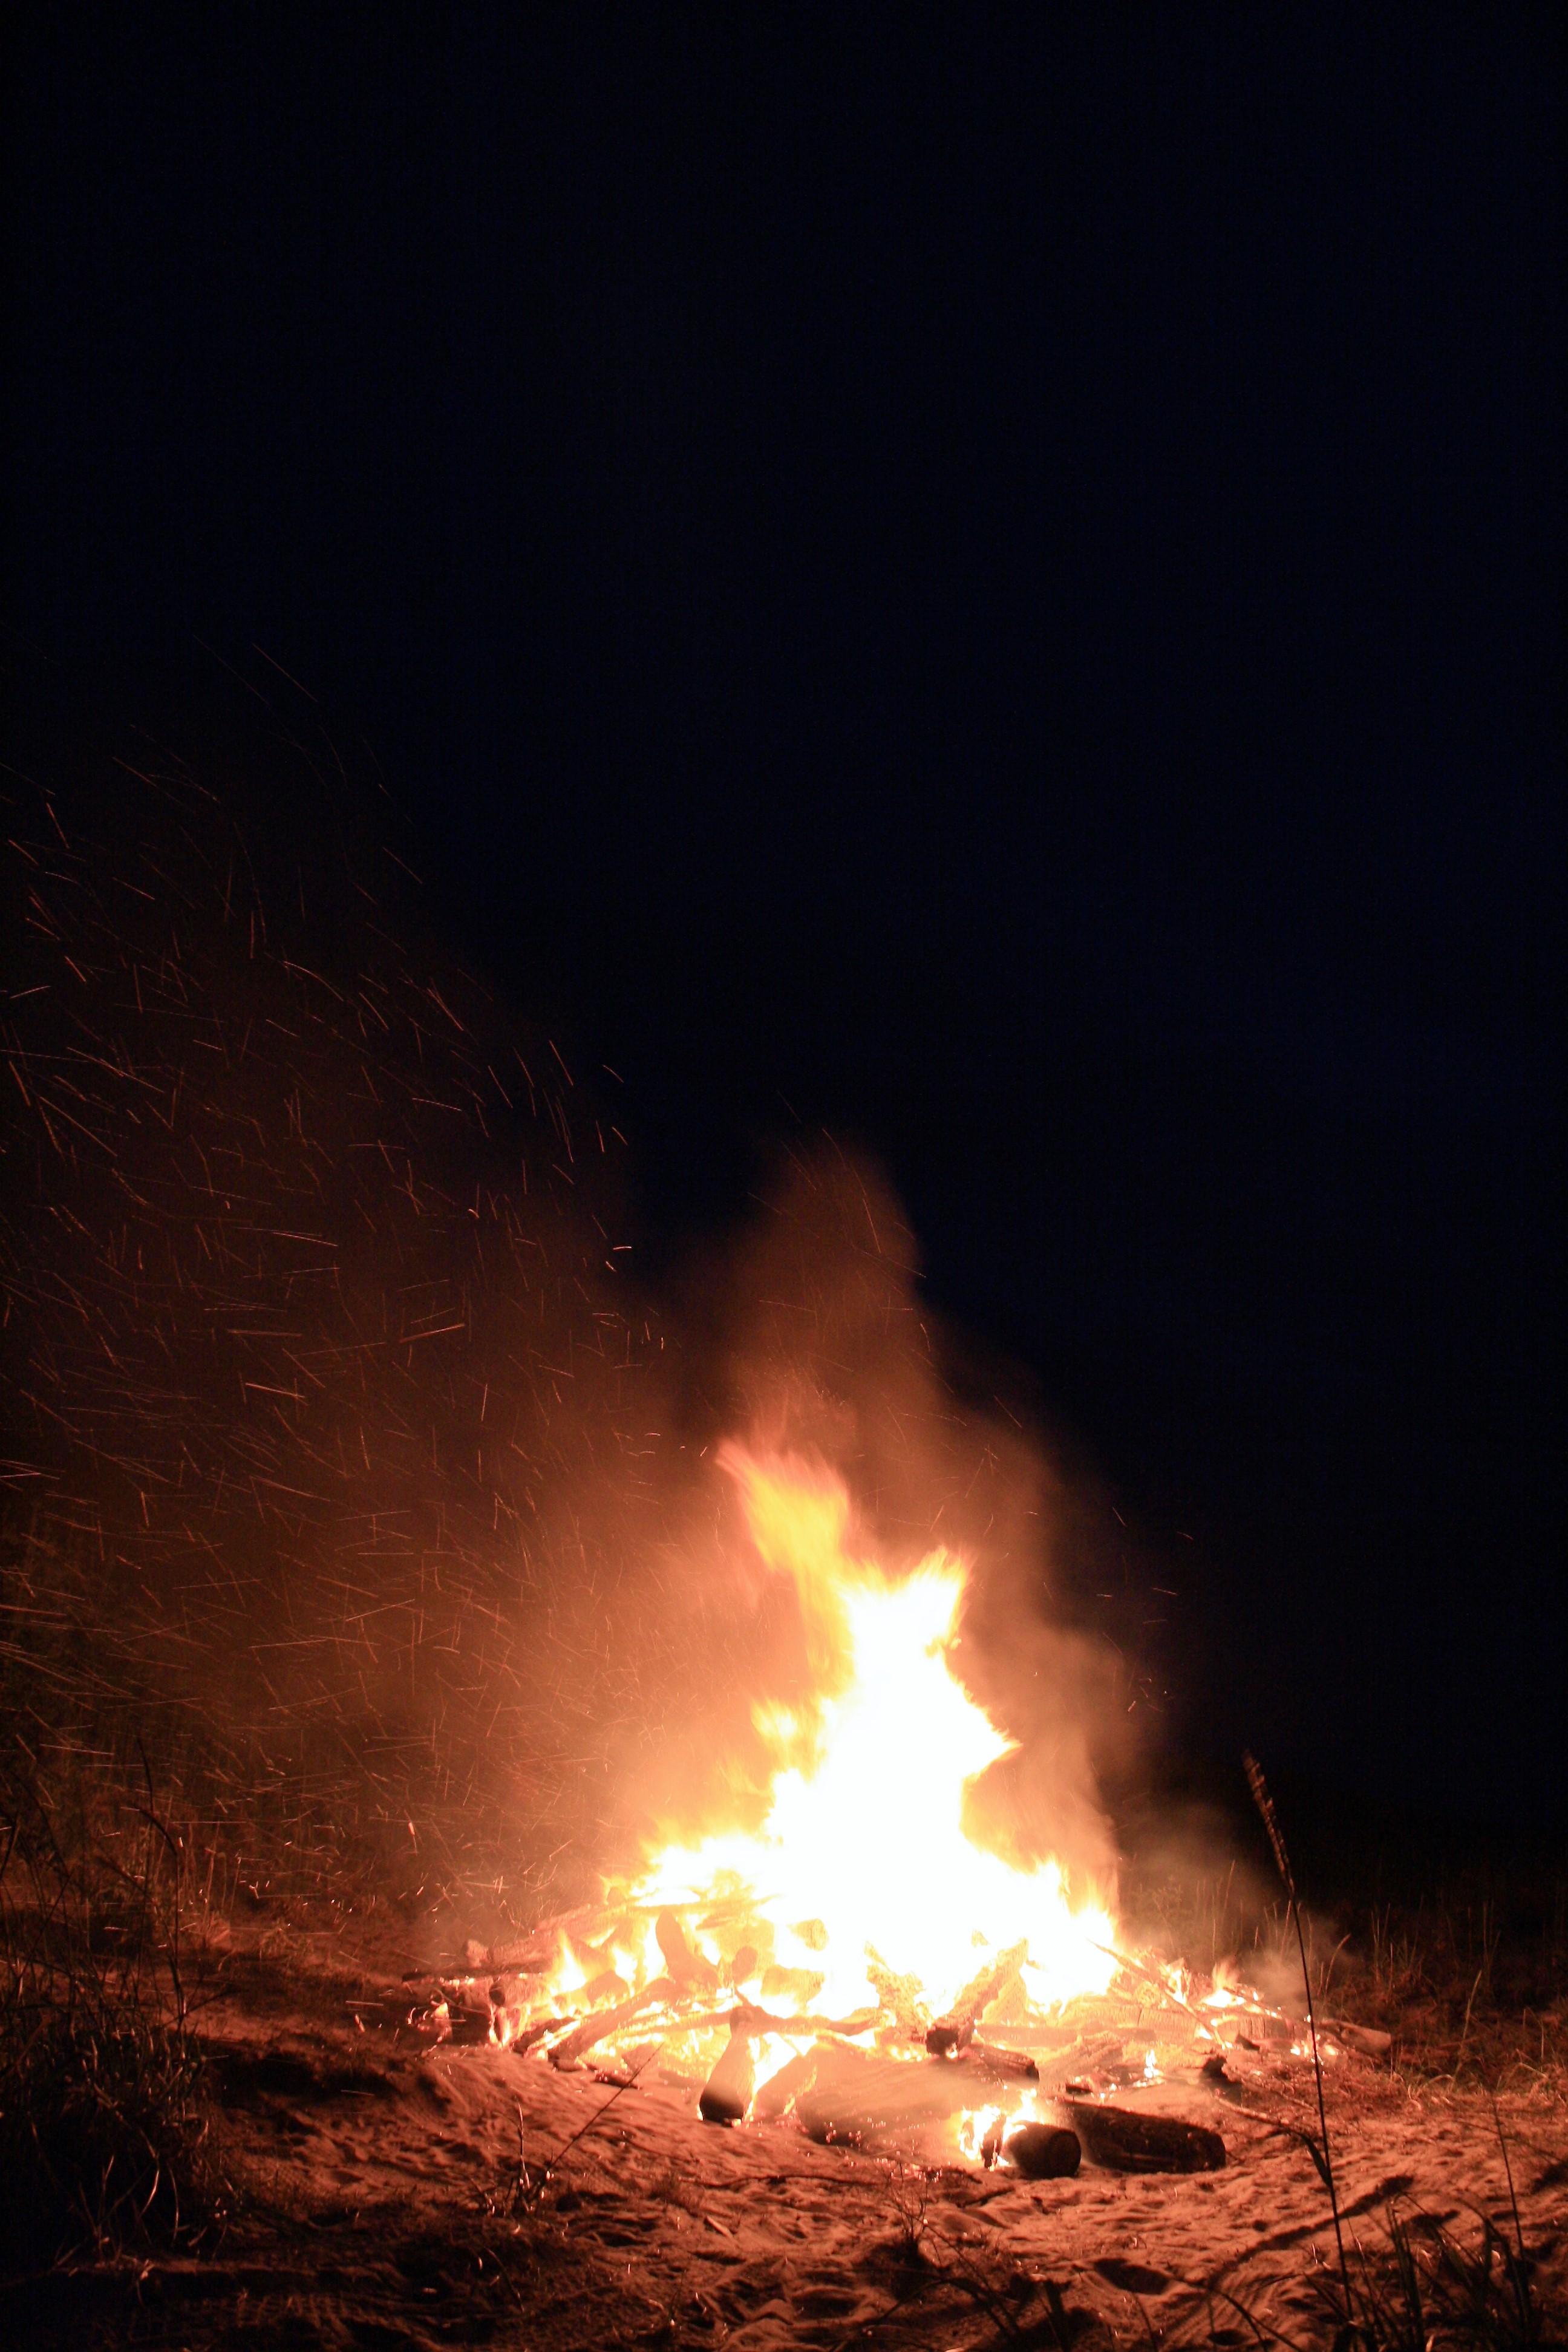 DM_nature_fire_686